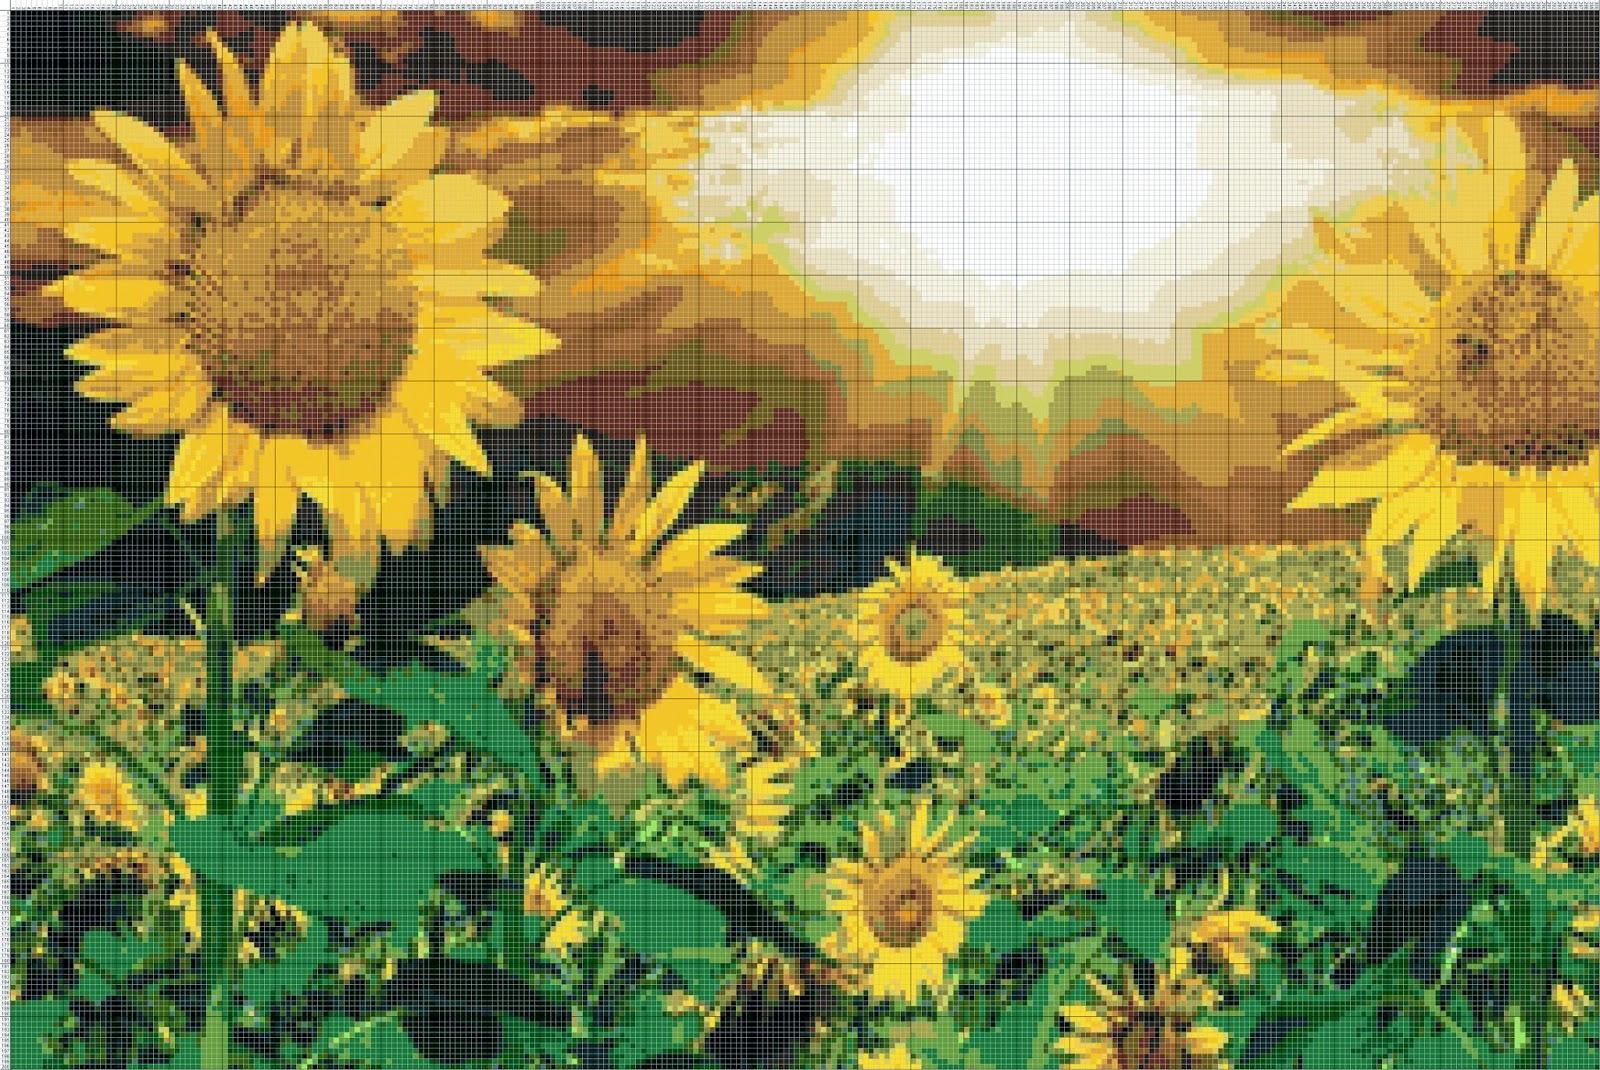 Gambar Pola Kristik Kebun Bunga Matahari